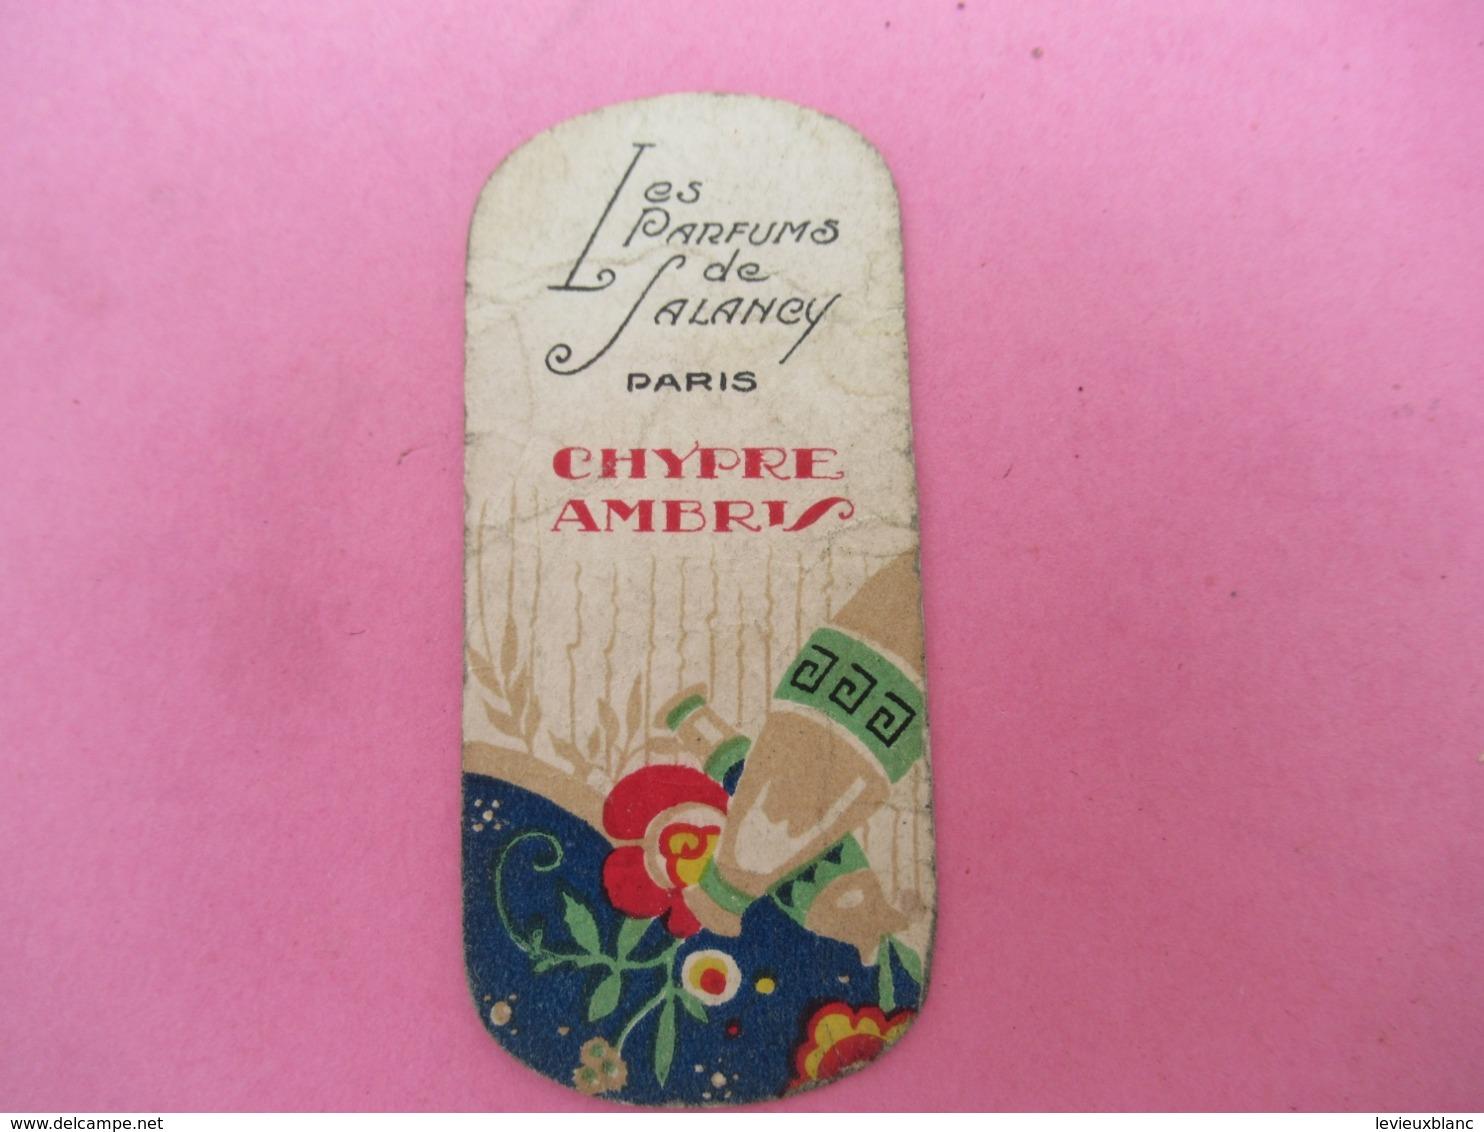 Carte Publicitaire Parfumée/Les Parfums De Salancyt , Paris / CHYPRE AMBRIS /Vers 1920-1930   PARF199 - Perfume Cards